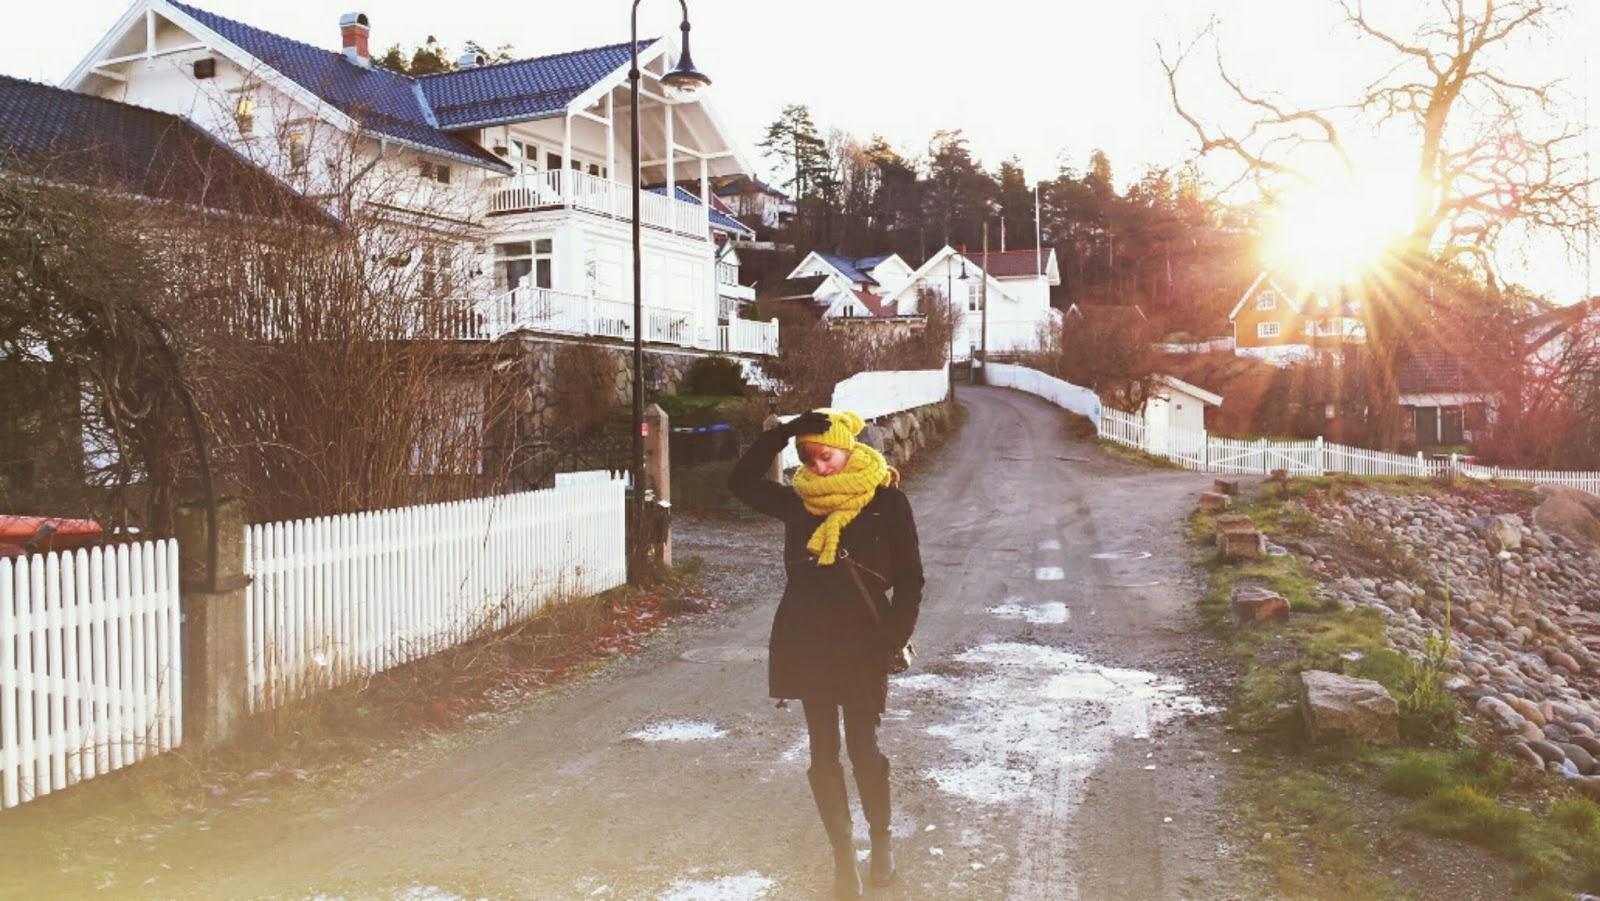 życie w Norwegii, podróże, podróżowanie, zwiedzanie, inspiracje